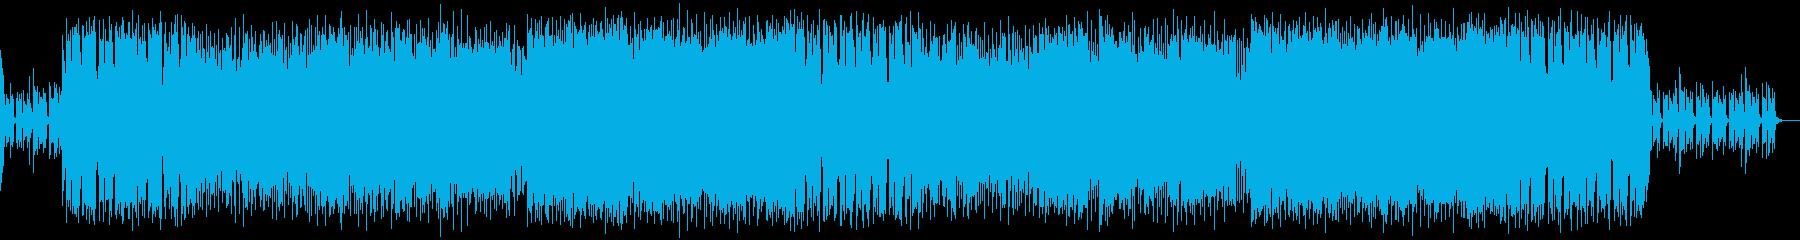 かっこいい・哀愁・PV・ロック・UKの再生済みの波形